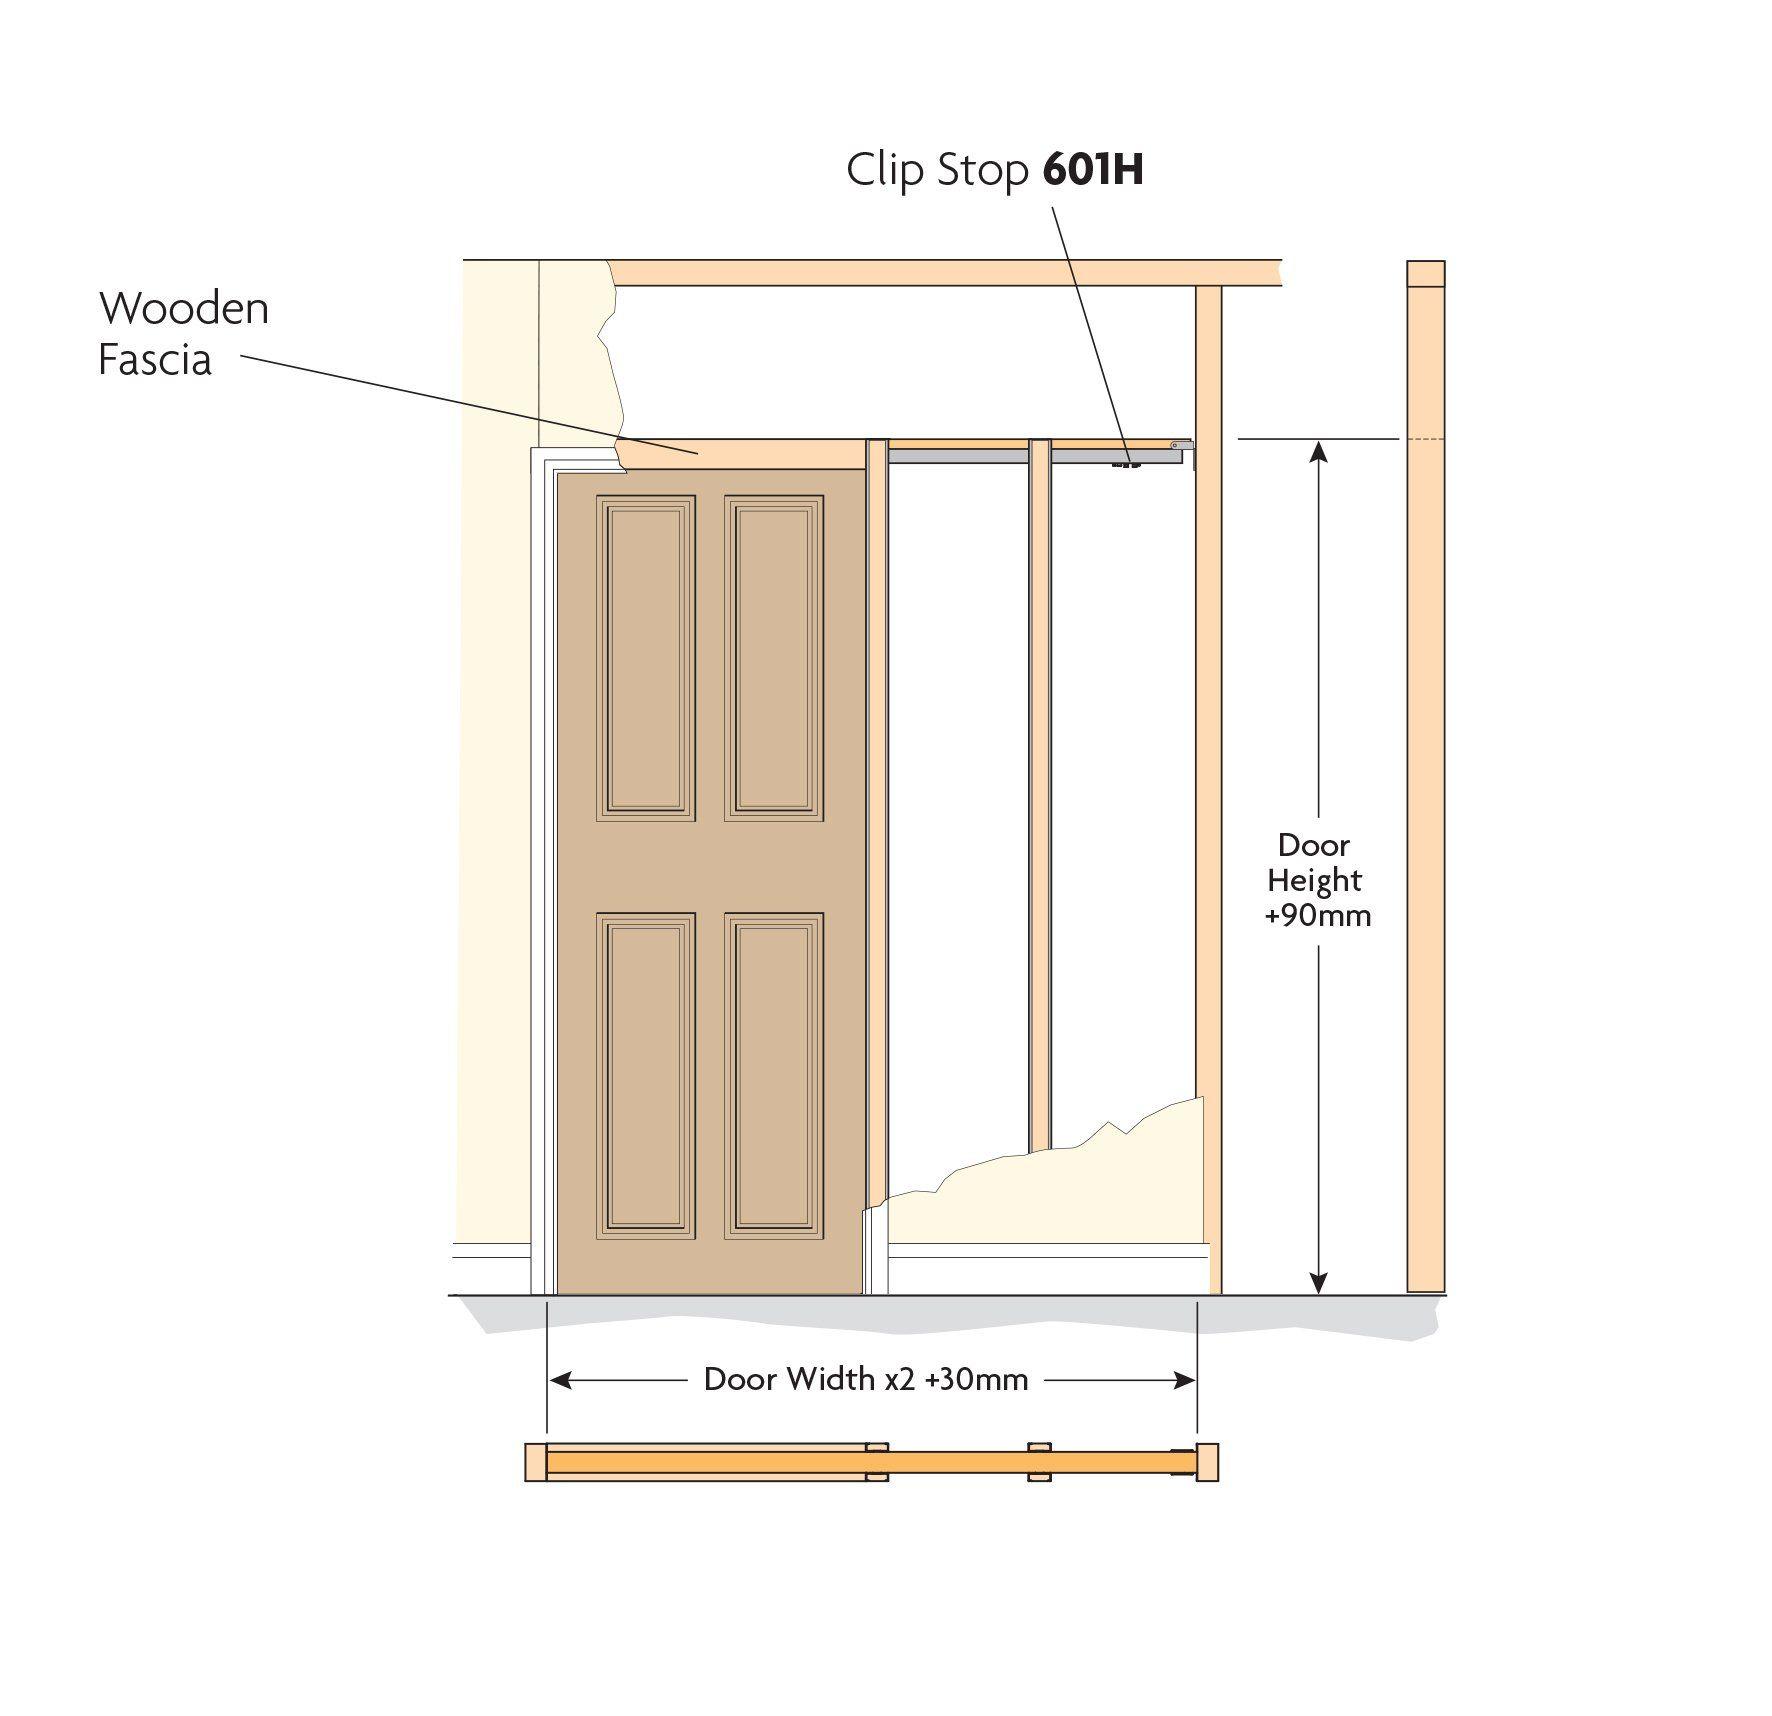 Pocket Door Kit 2315mm X 930mm For Doors Up To 60kg Amazon